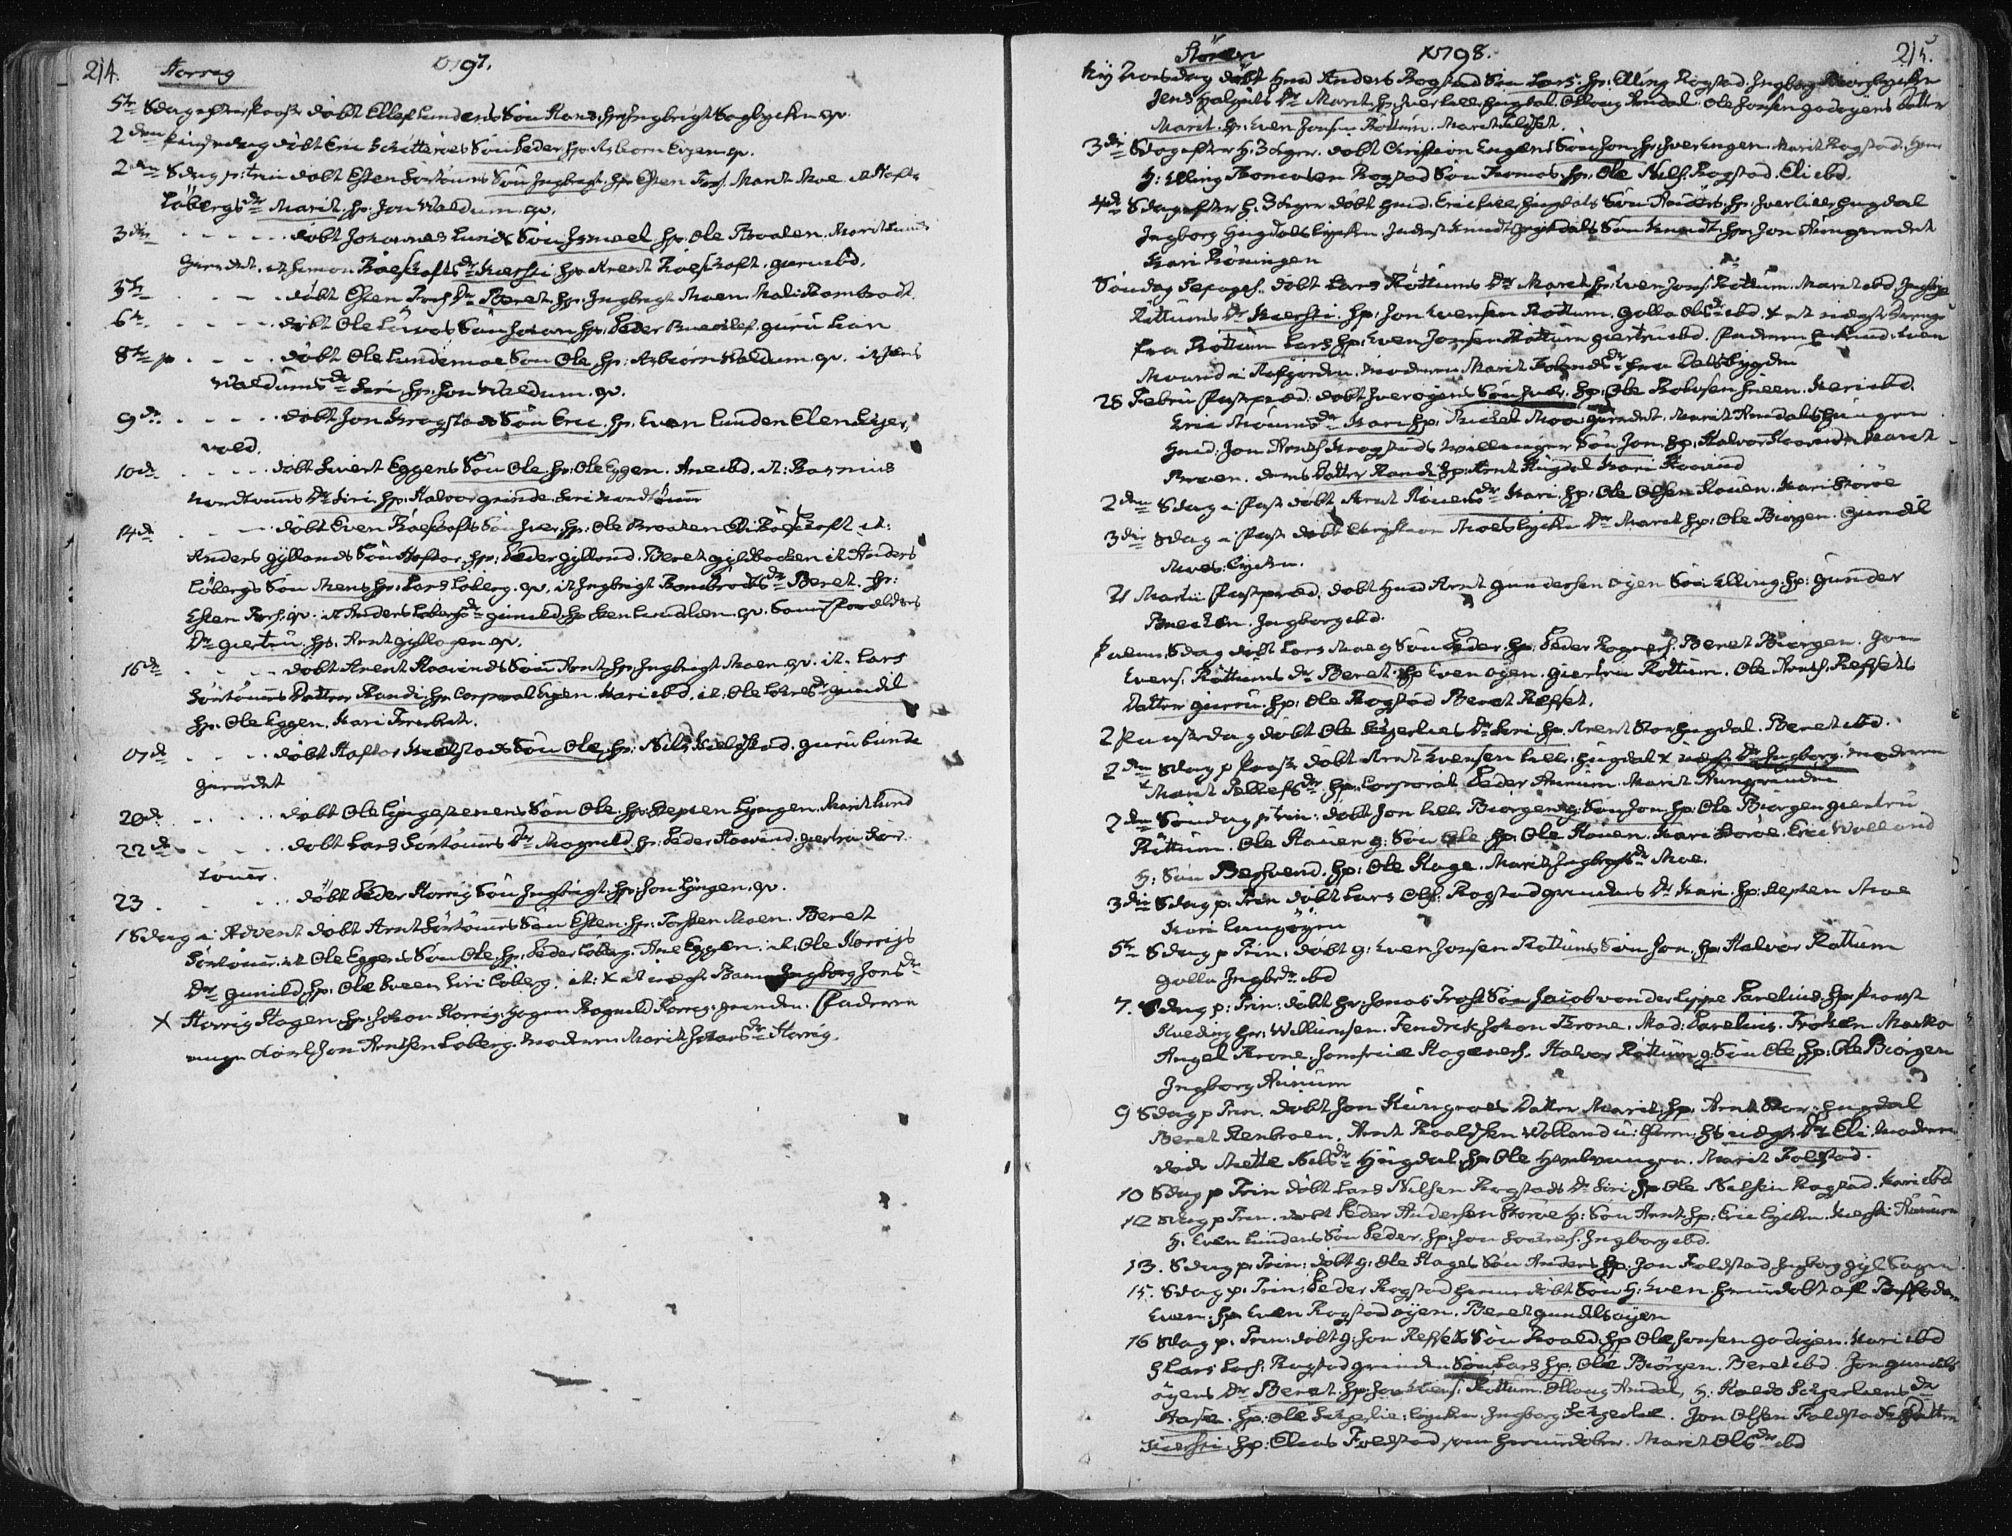 SAT, Ministerialprotokoller, klokkerbøker og fødselsregistre - Sør-Trøndelag, 687/L0992: Ministerialbok nr. 687A03 /1, 1788-1815, s. 214-215